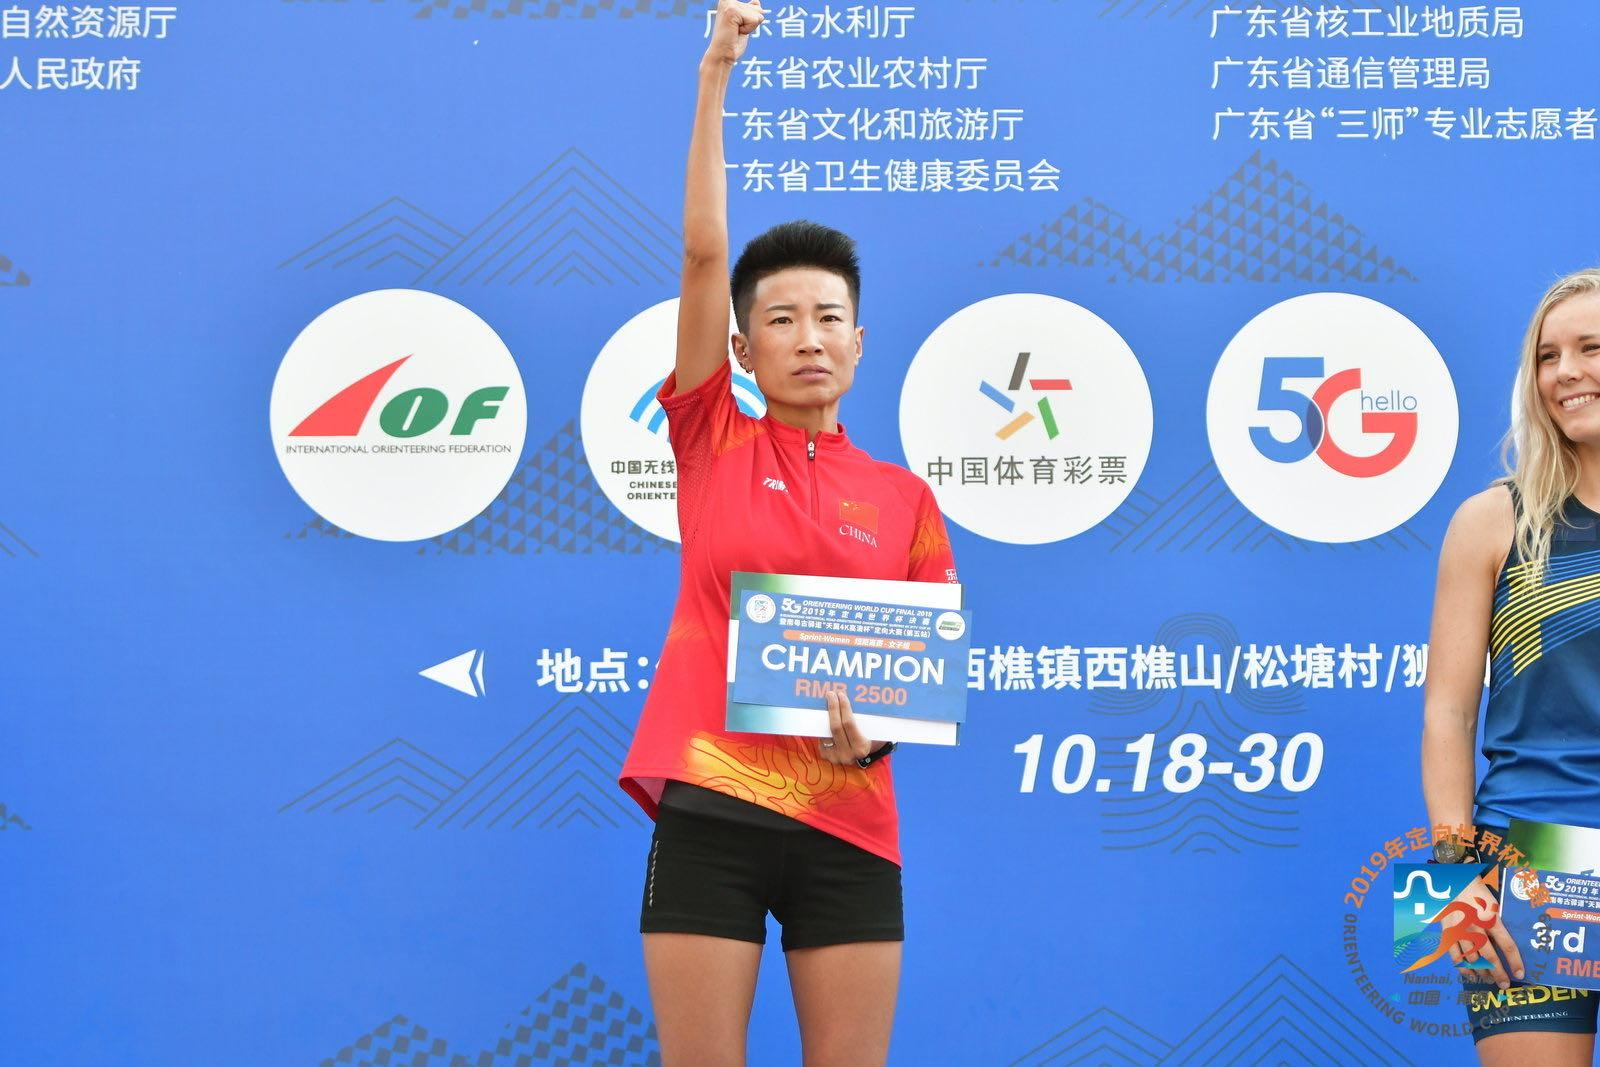 中国队勇夺定向世界杯短距离女子组冠军